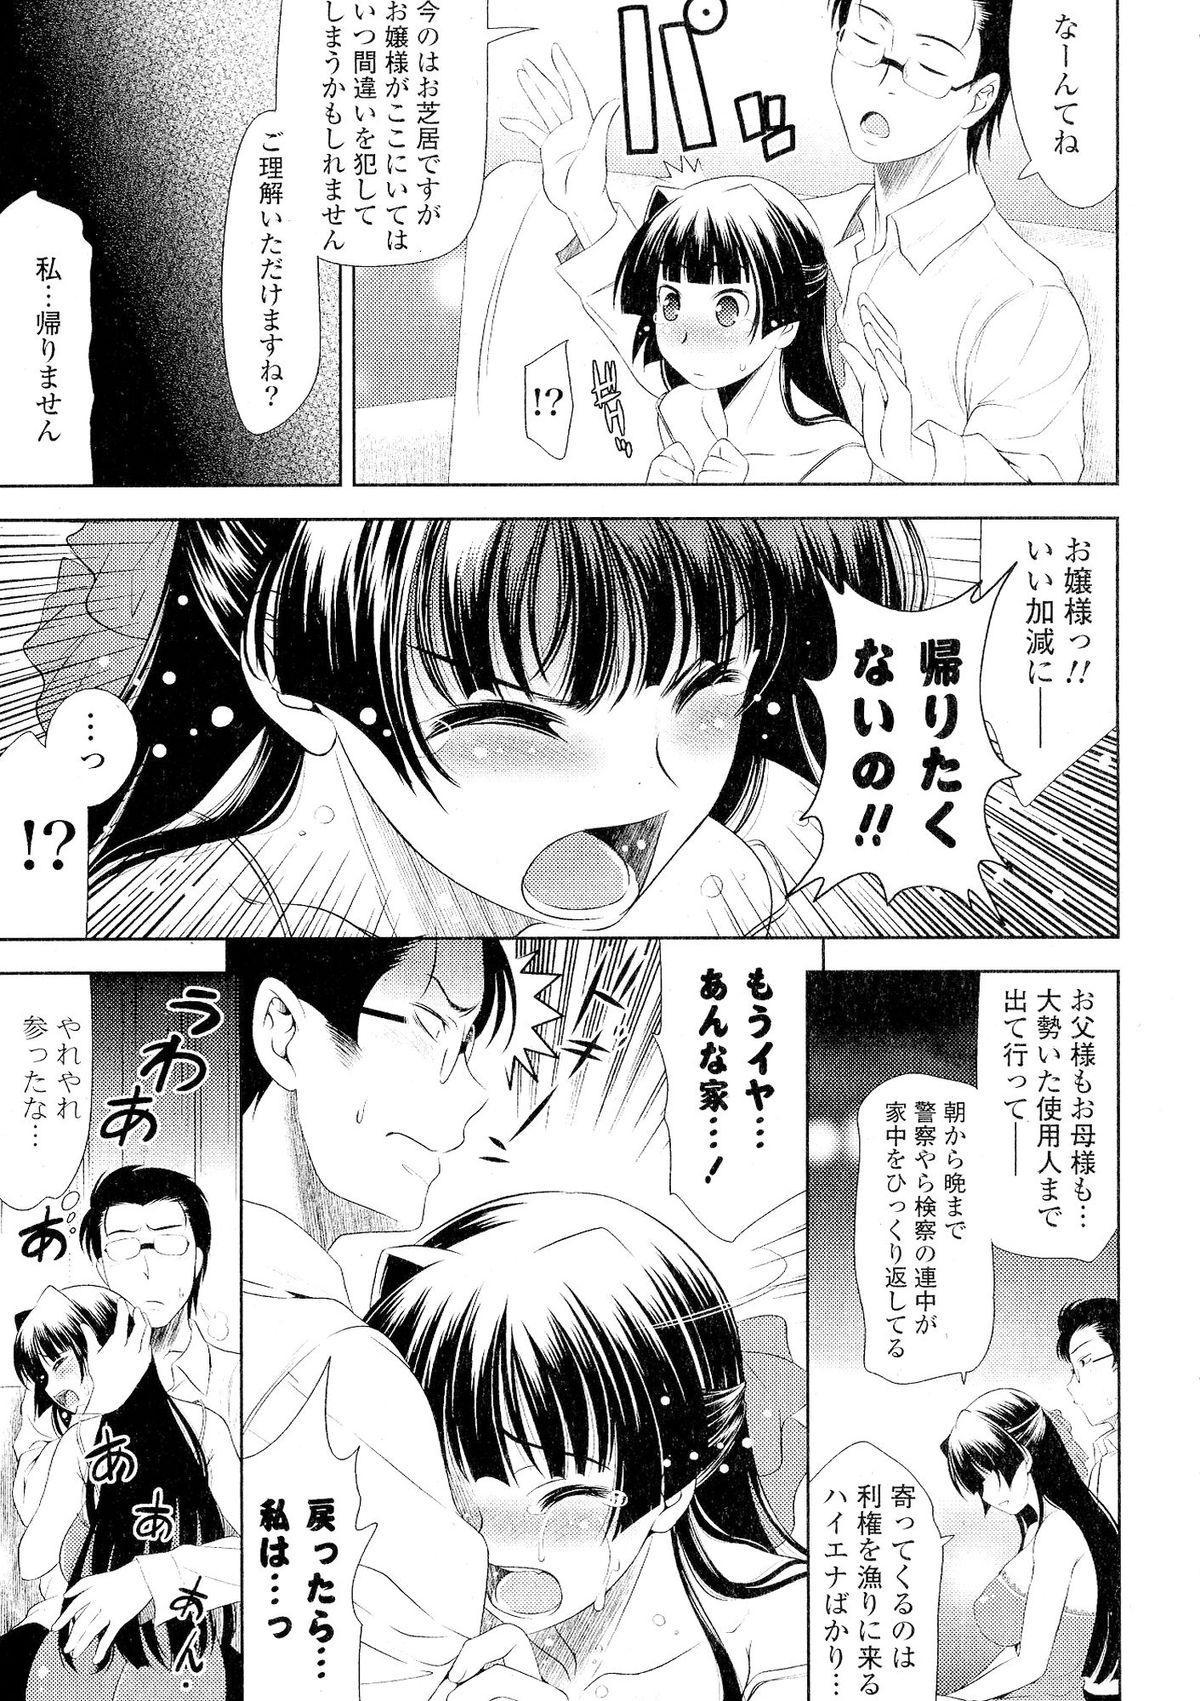 Doki ga Mune Mune Chichimusume 8